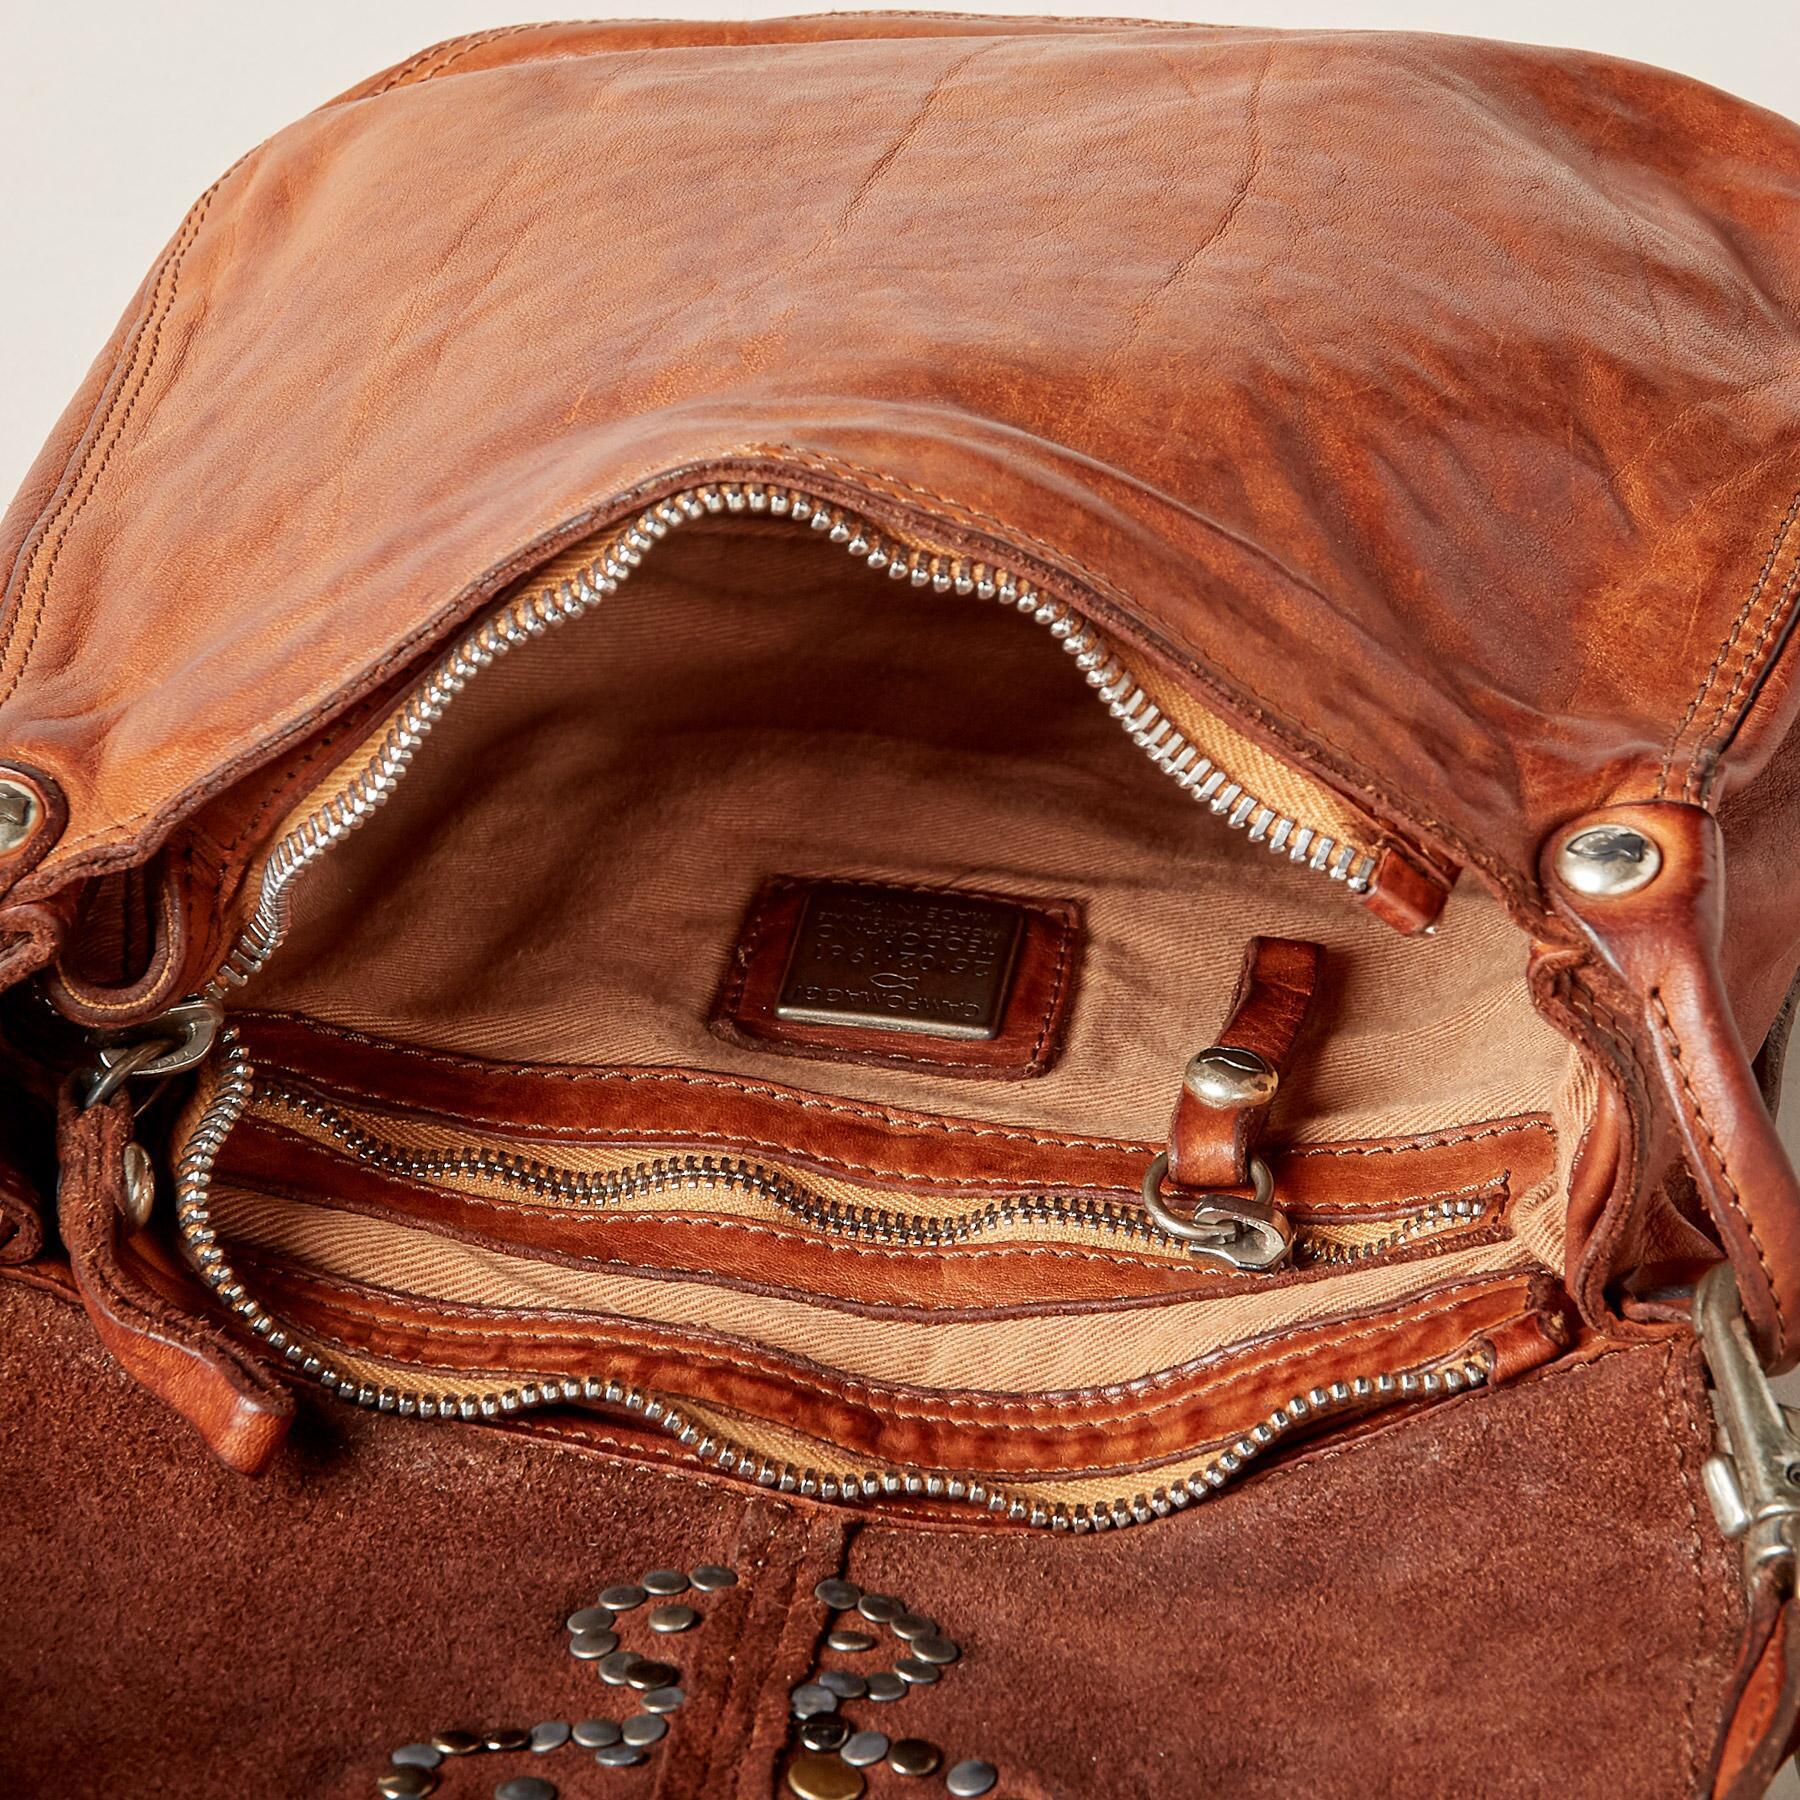 BELLA DI NOTTE SHOULDER BAG: View 3